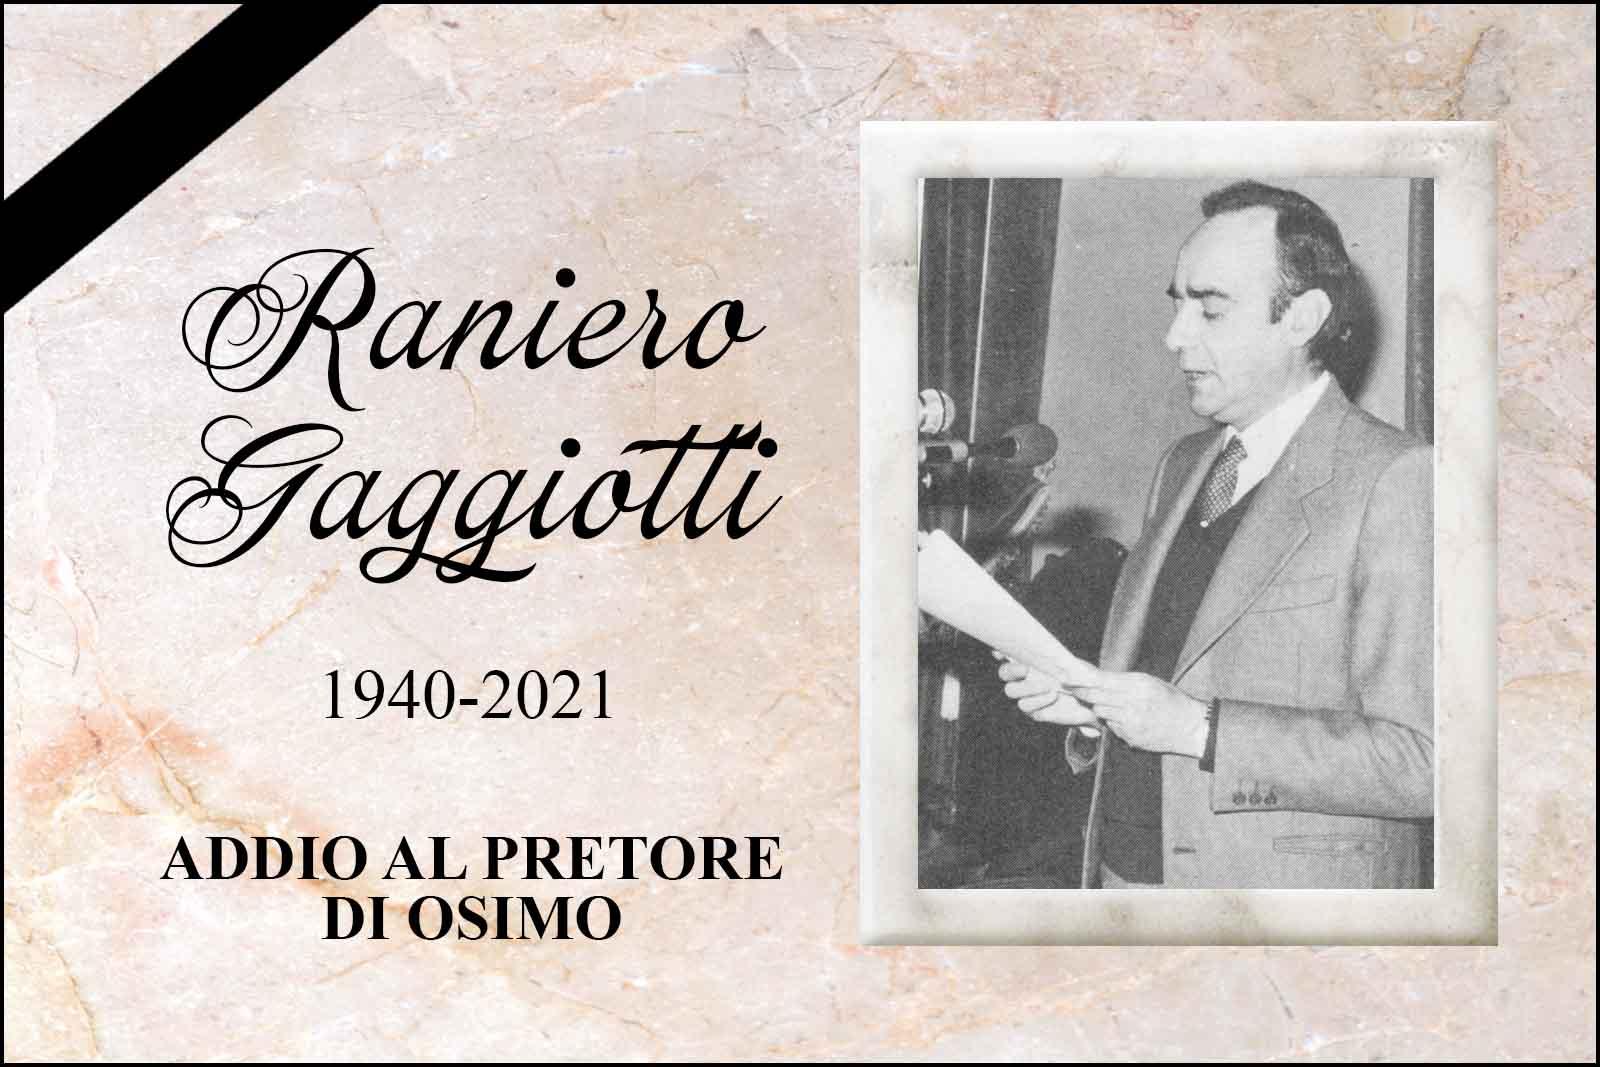 Raniero GAGGIOTTI 1940-2021 Addio al Pretore di Osimo